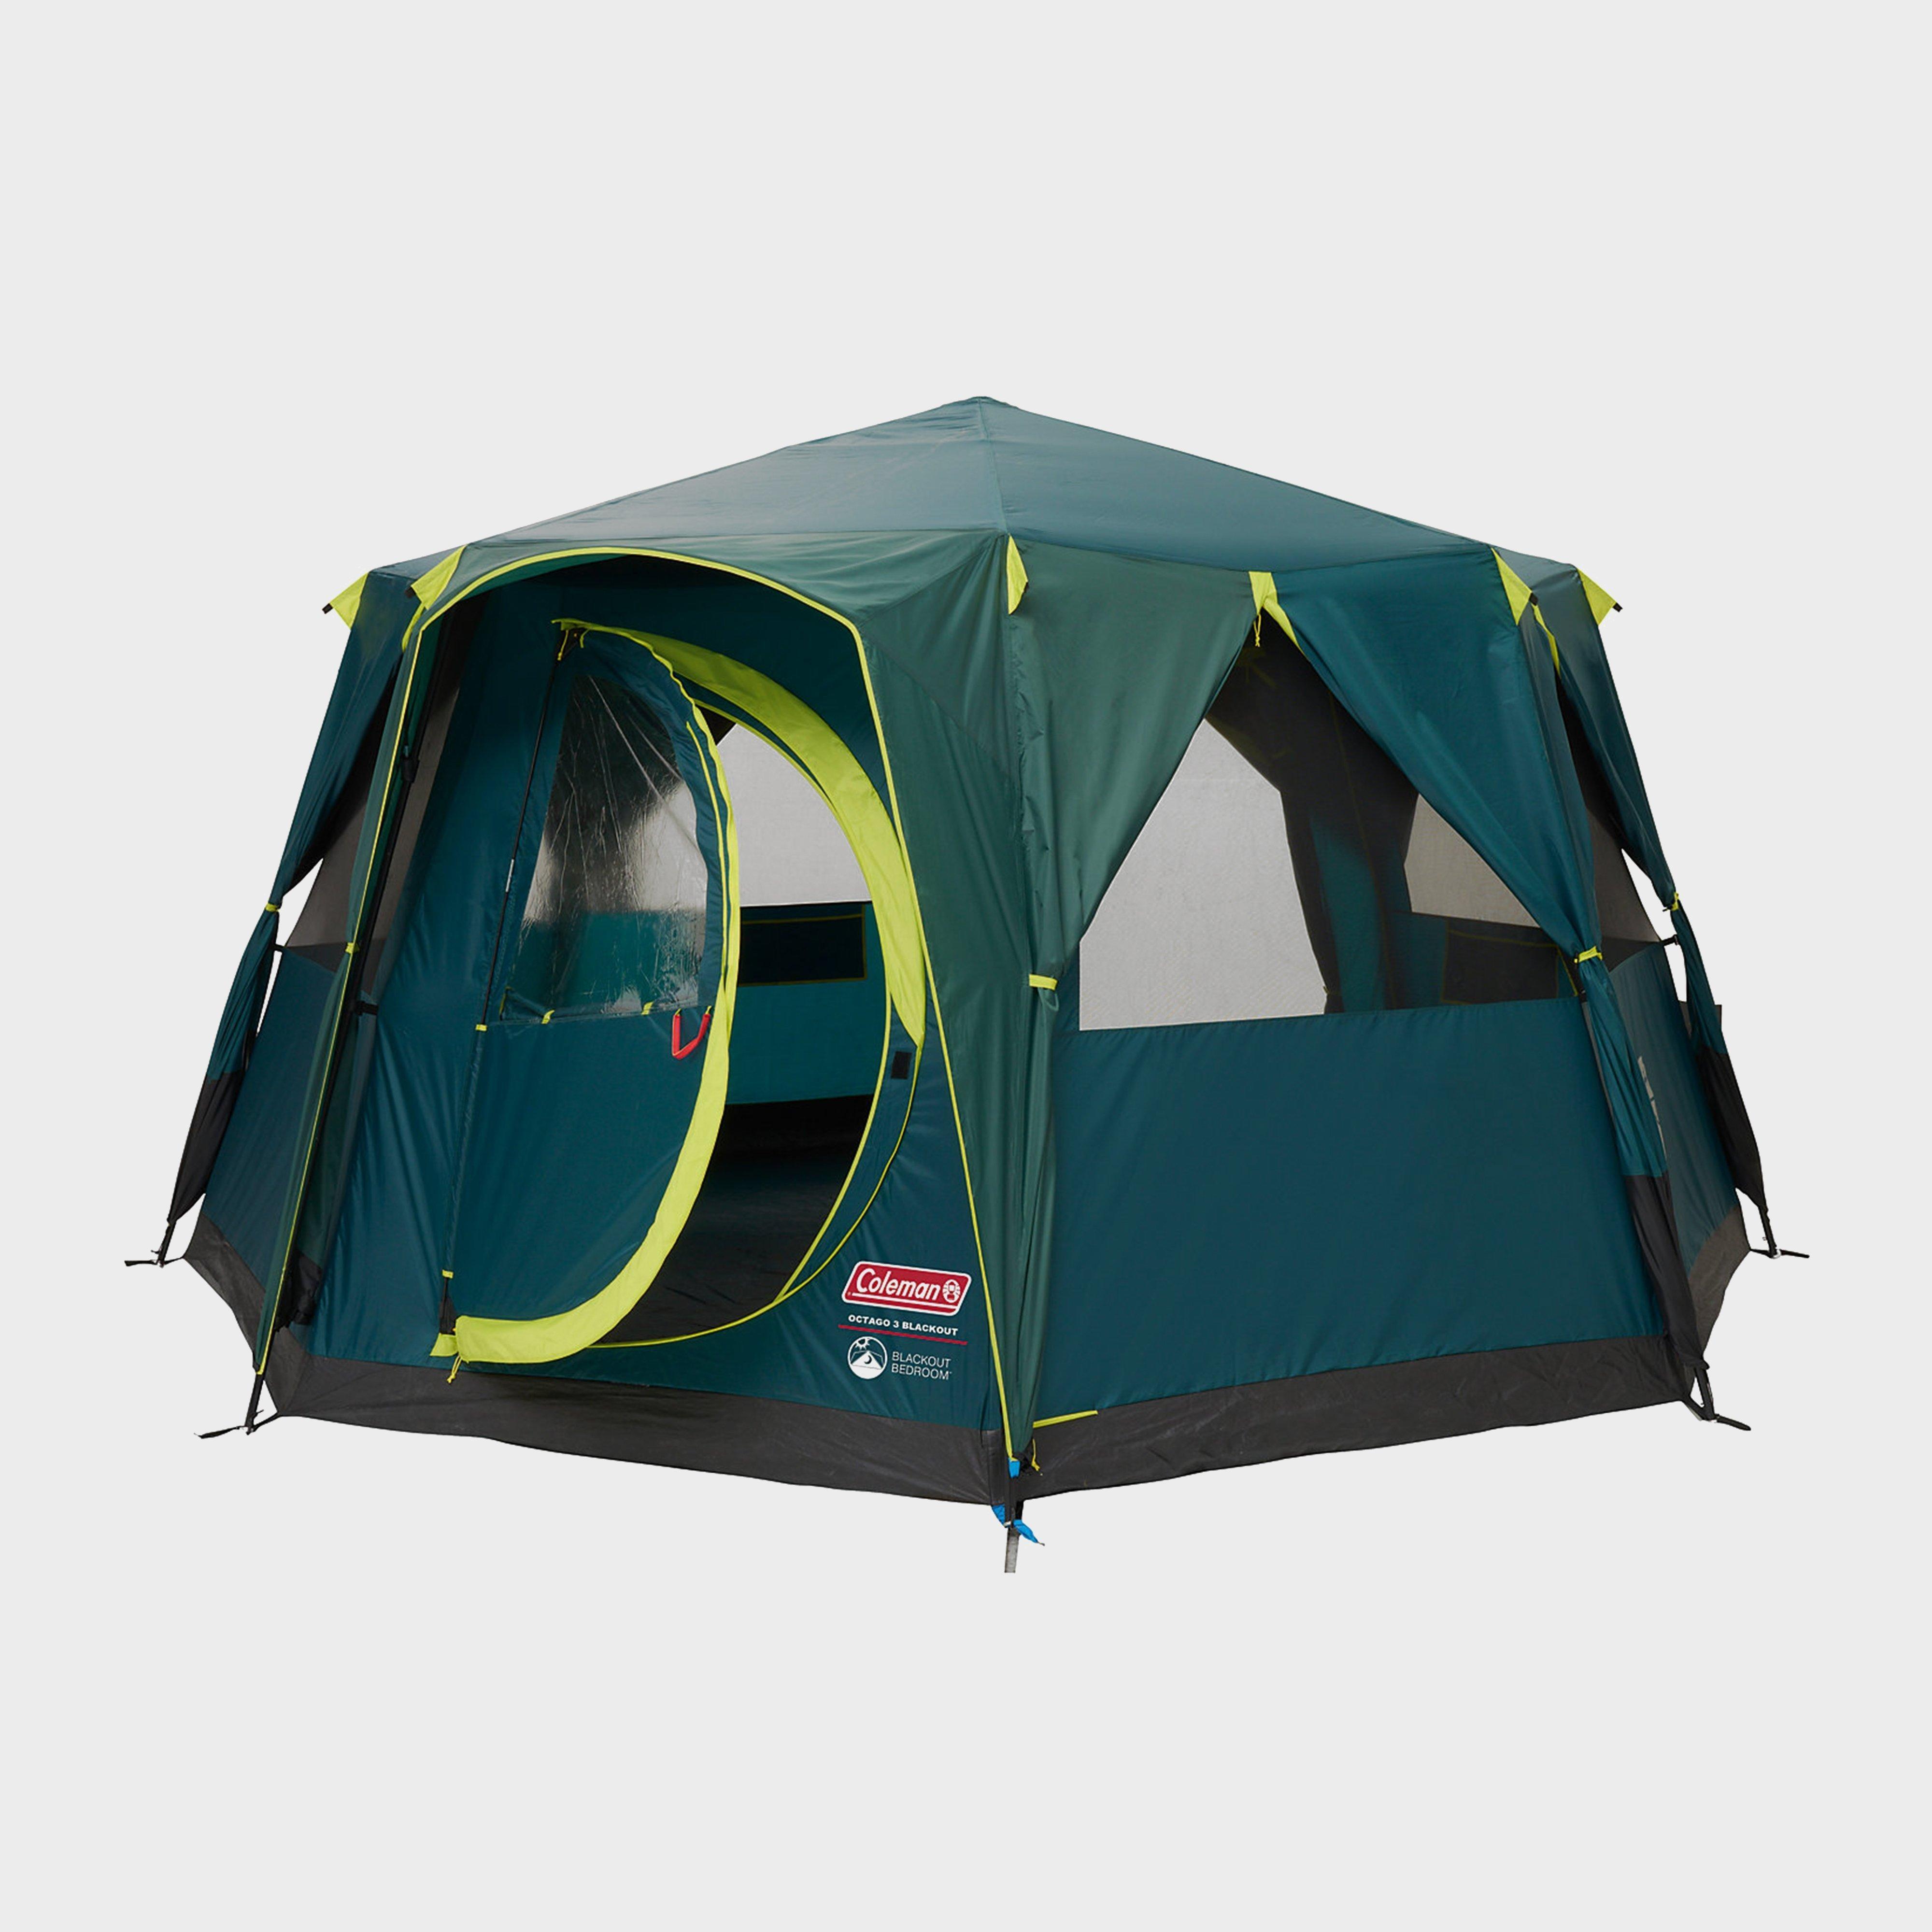 Coleman Octagon Blackout Tent - Green/Grn, Green/GRN